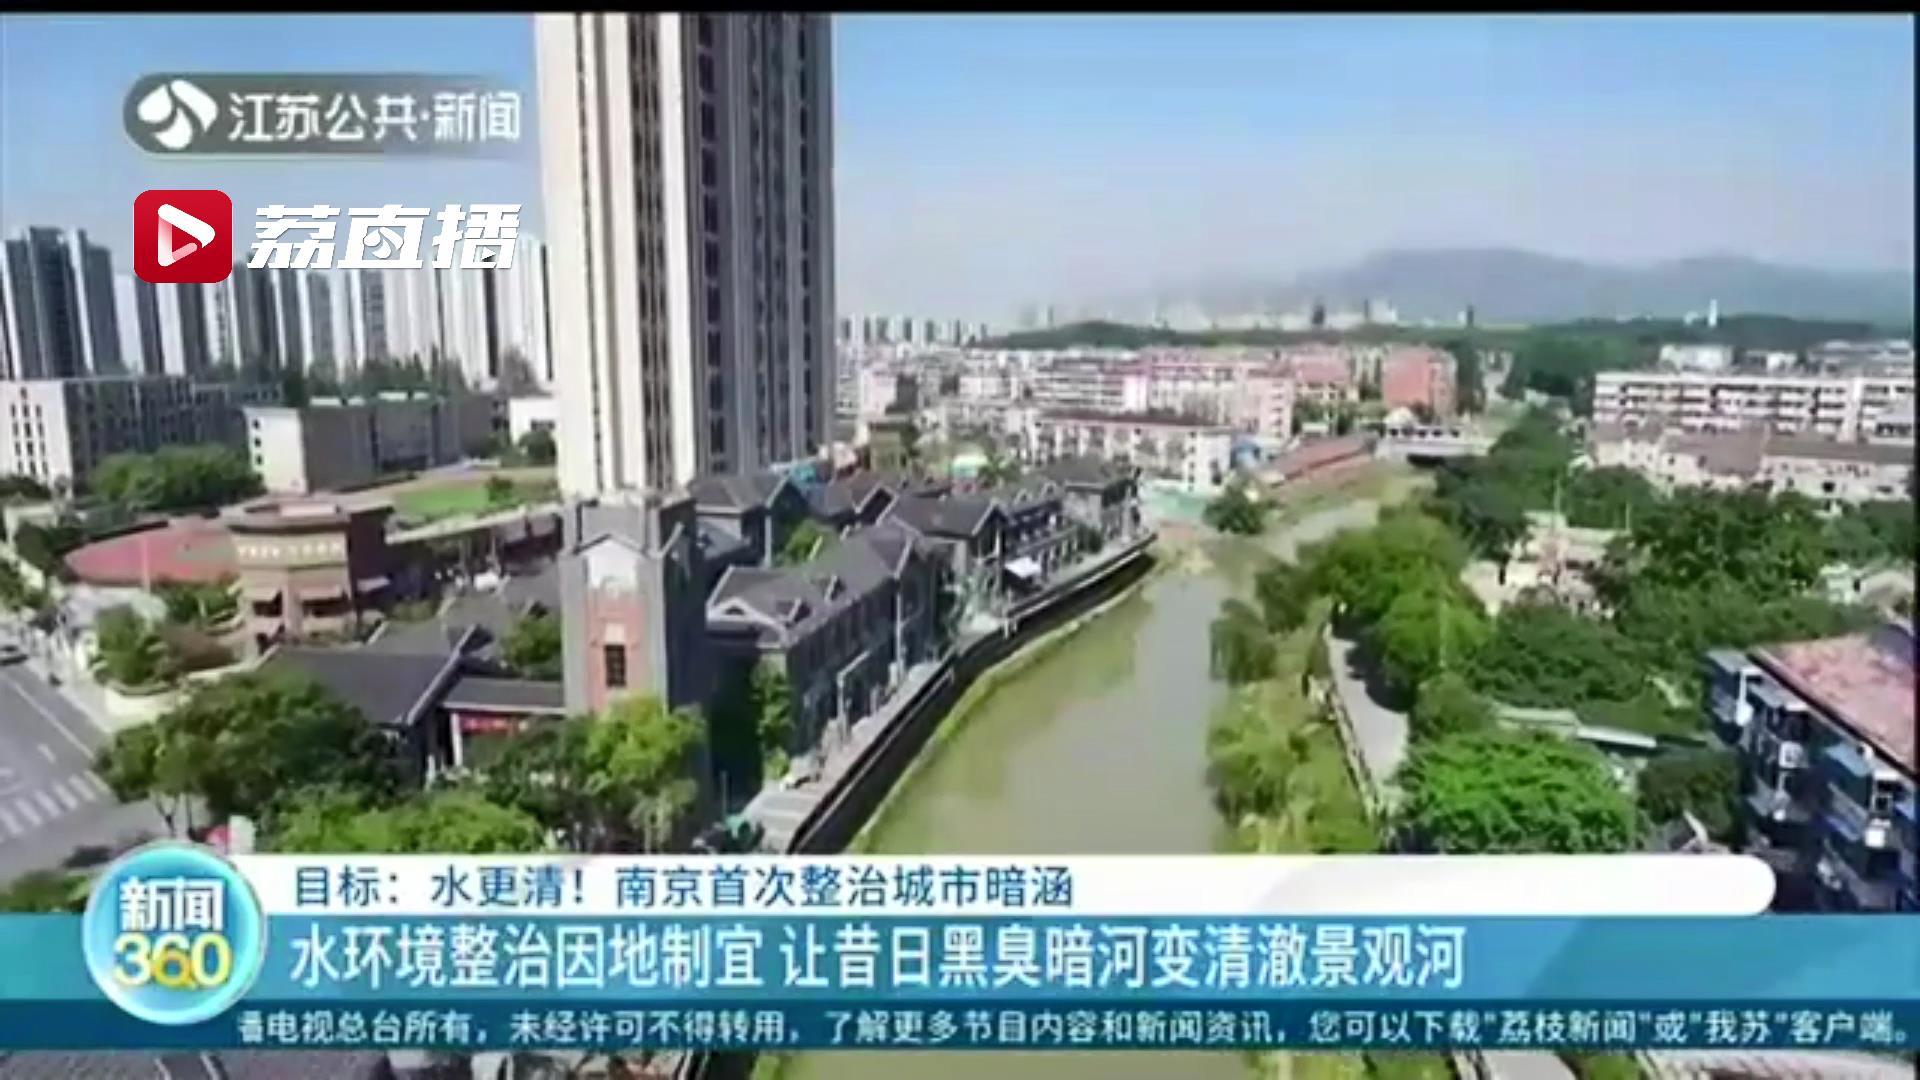 让黑臭暗河重变清澈明河!南京计划对有条件的暗涵实施打开恢复工程